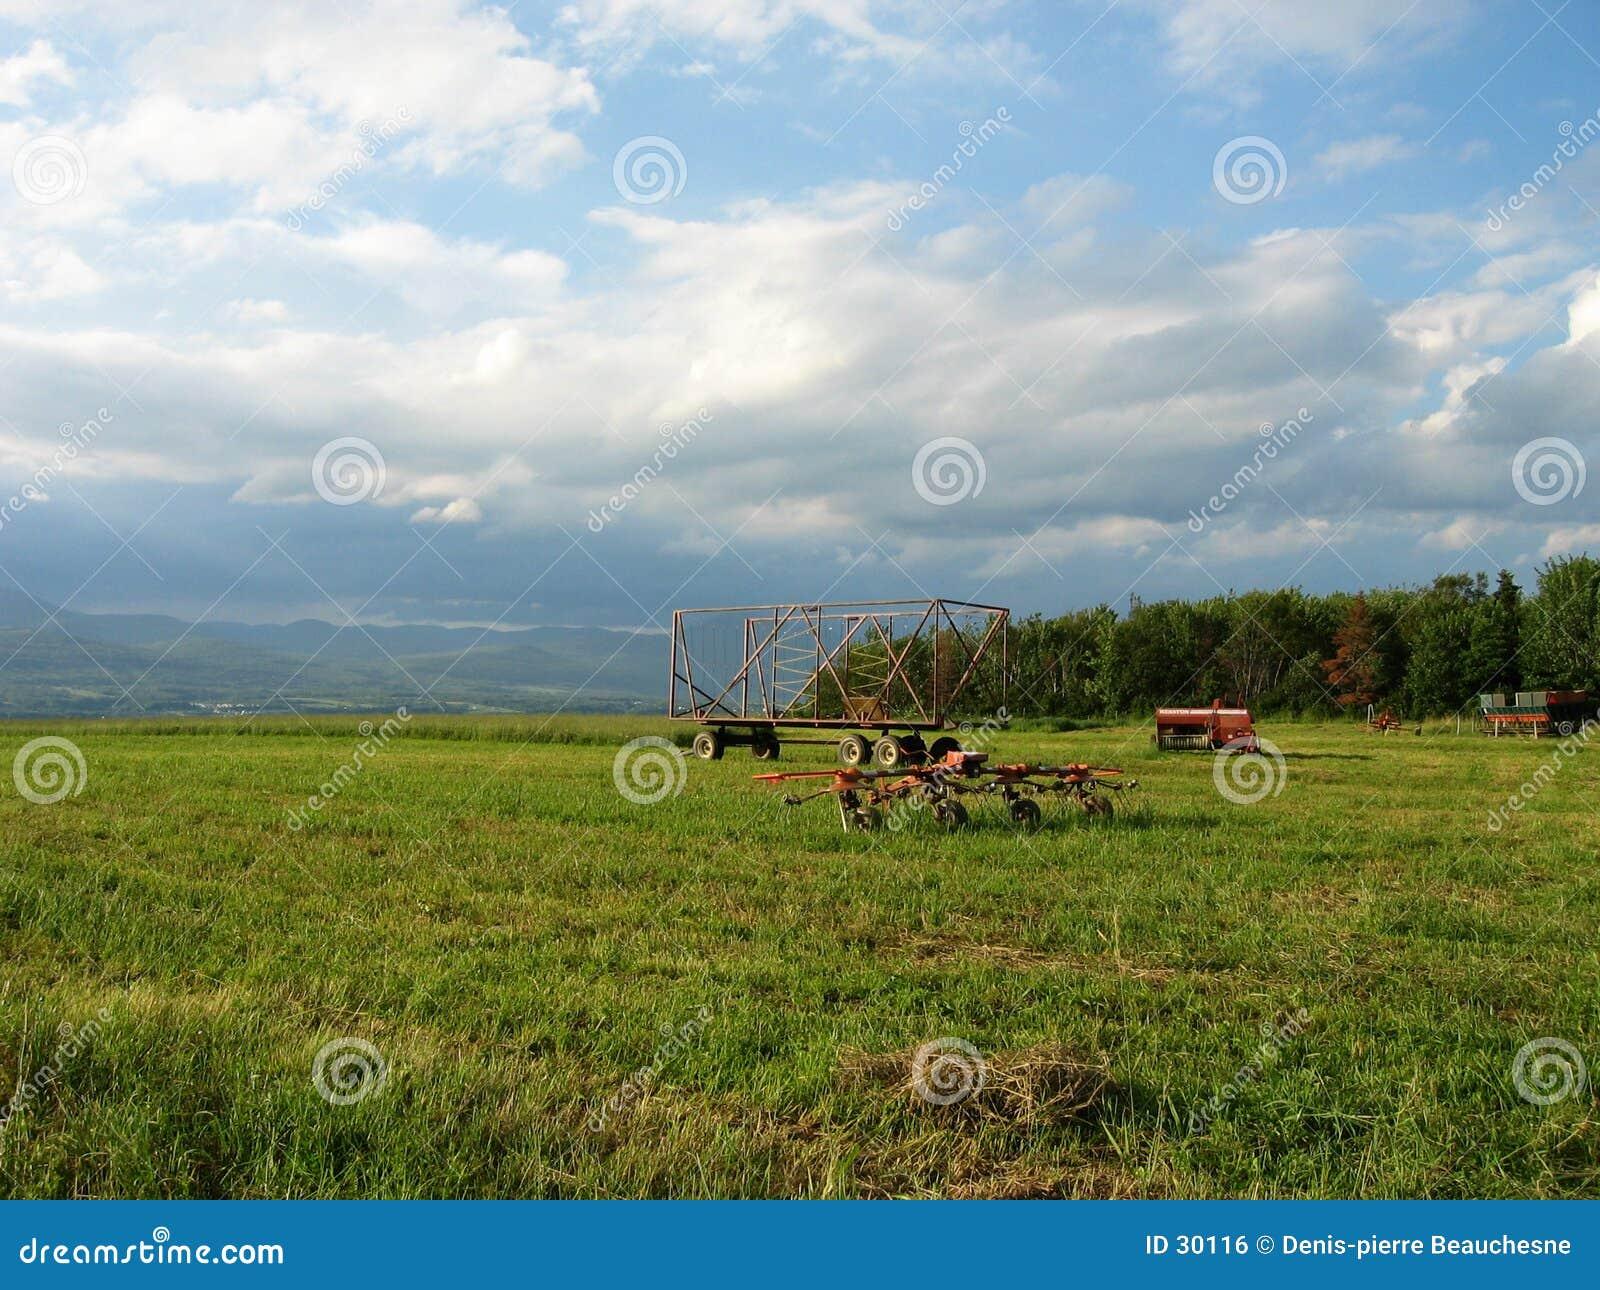 Quebec field